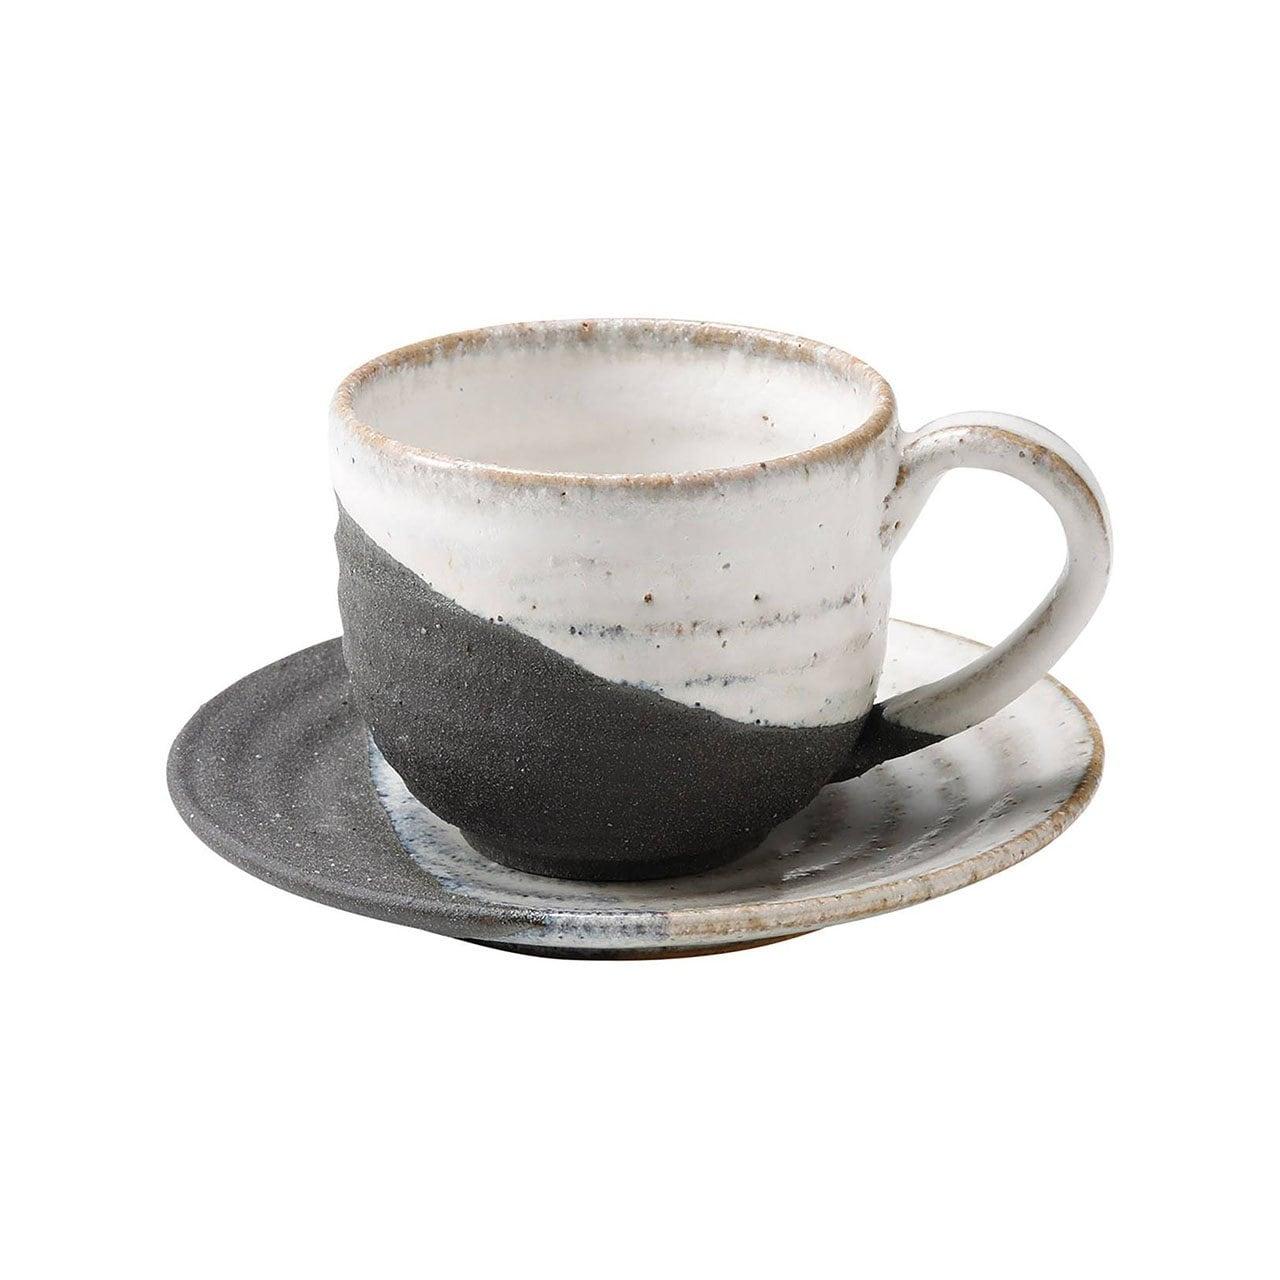 信楽焼 へちもん コーヒーカップ&ソーサー 約180ml 掛け分け MR-3-3274